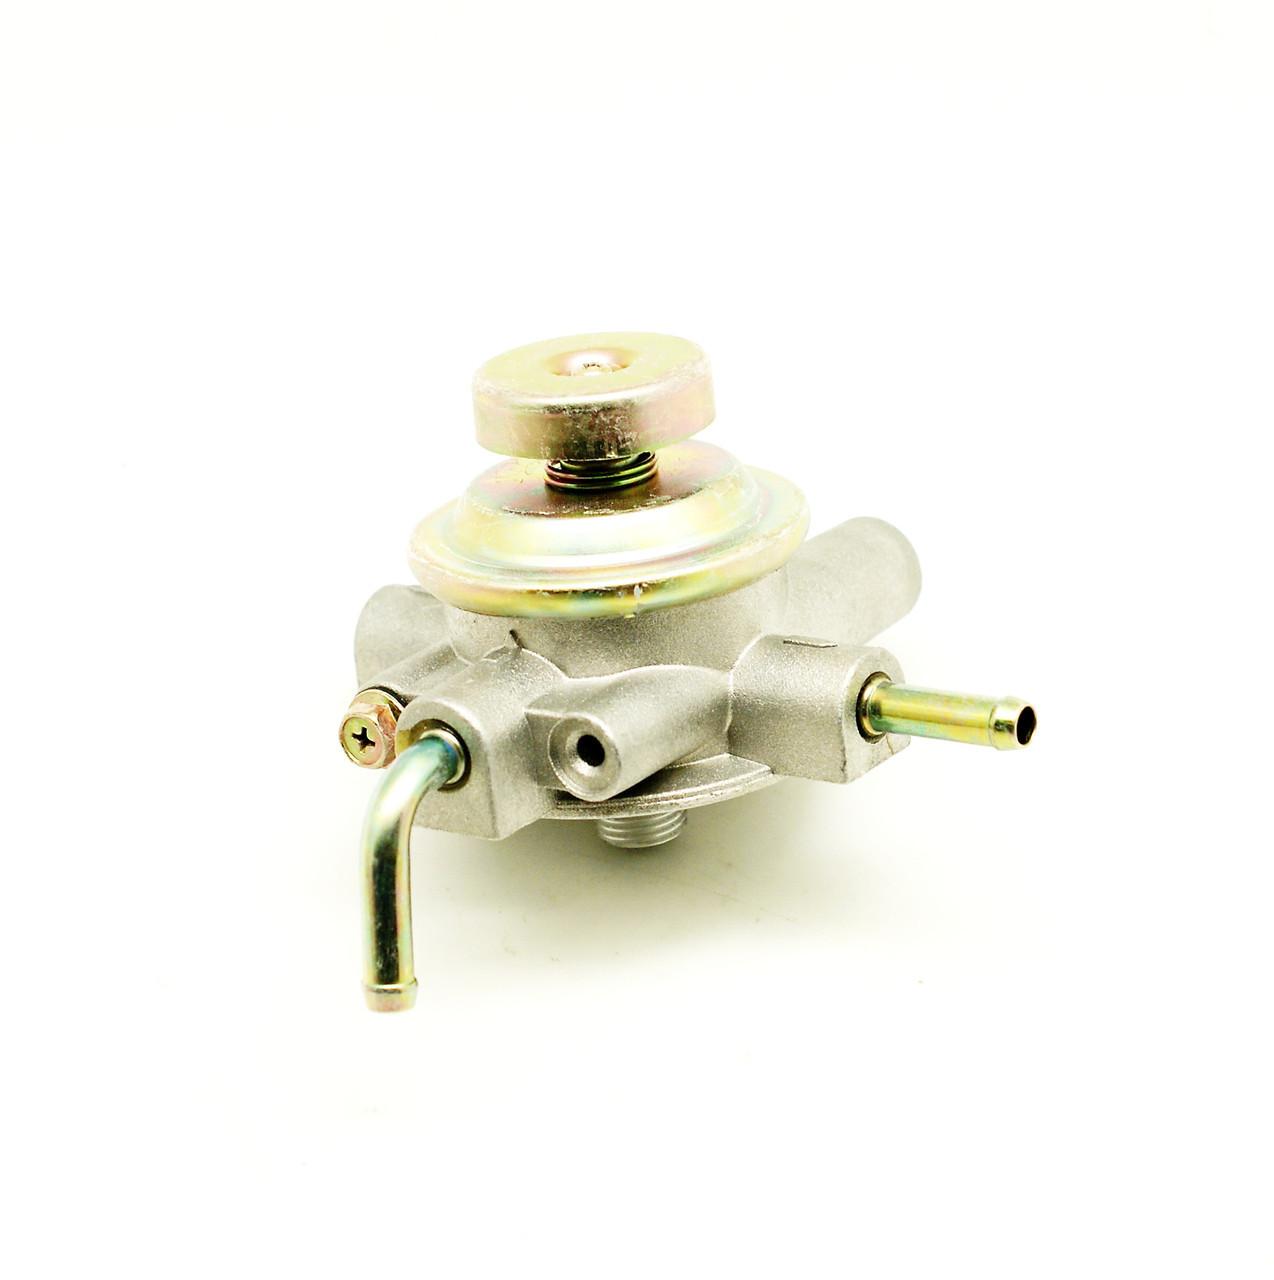 Головка топливного фильтра Cummins A Series 4900277